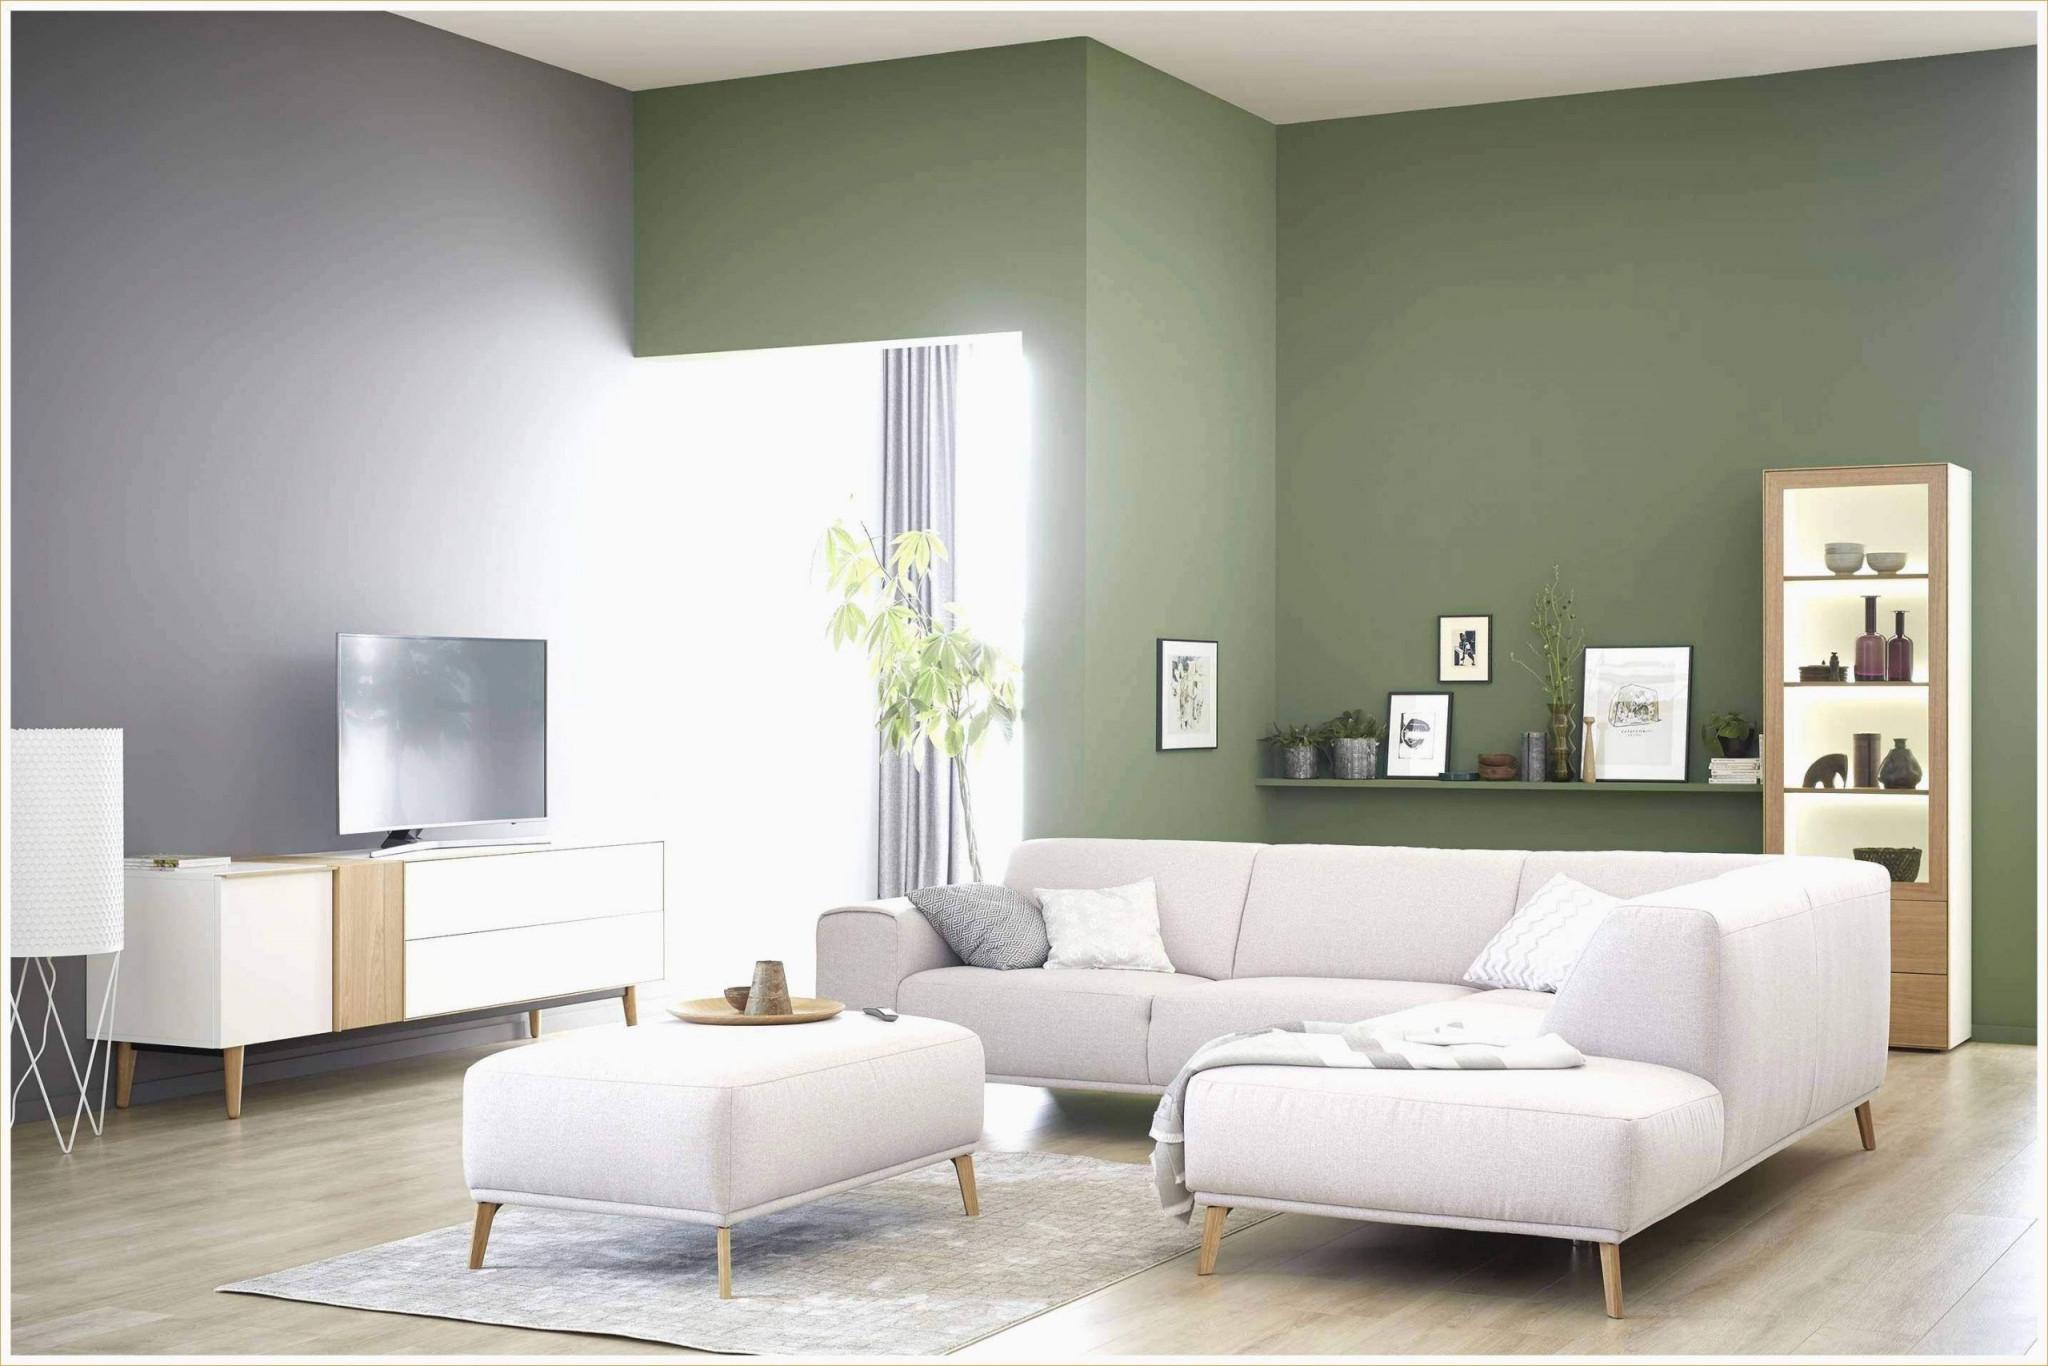 Schöner Wohnen Wohnzimmer Inspirierend Einzigartig Schöner von Schöner Wohnen Bilder Wohnzimmer Photo